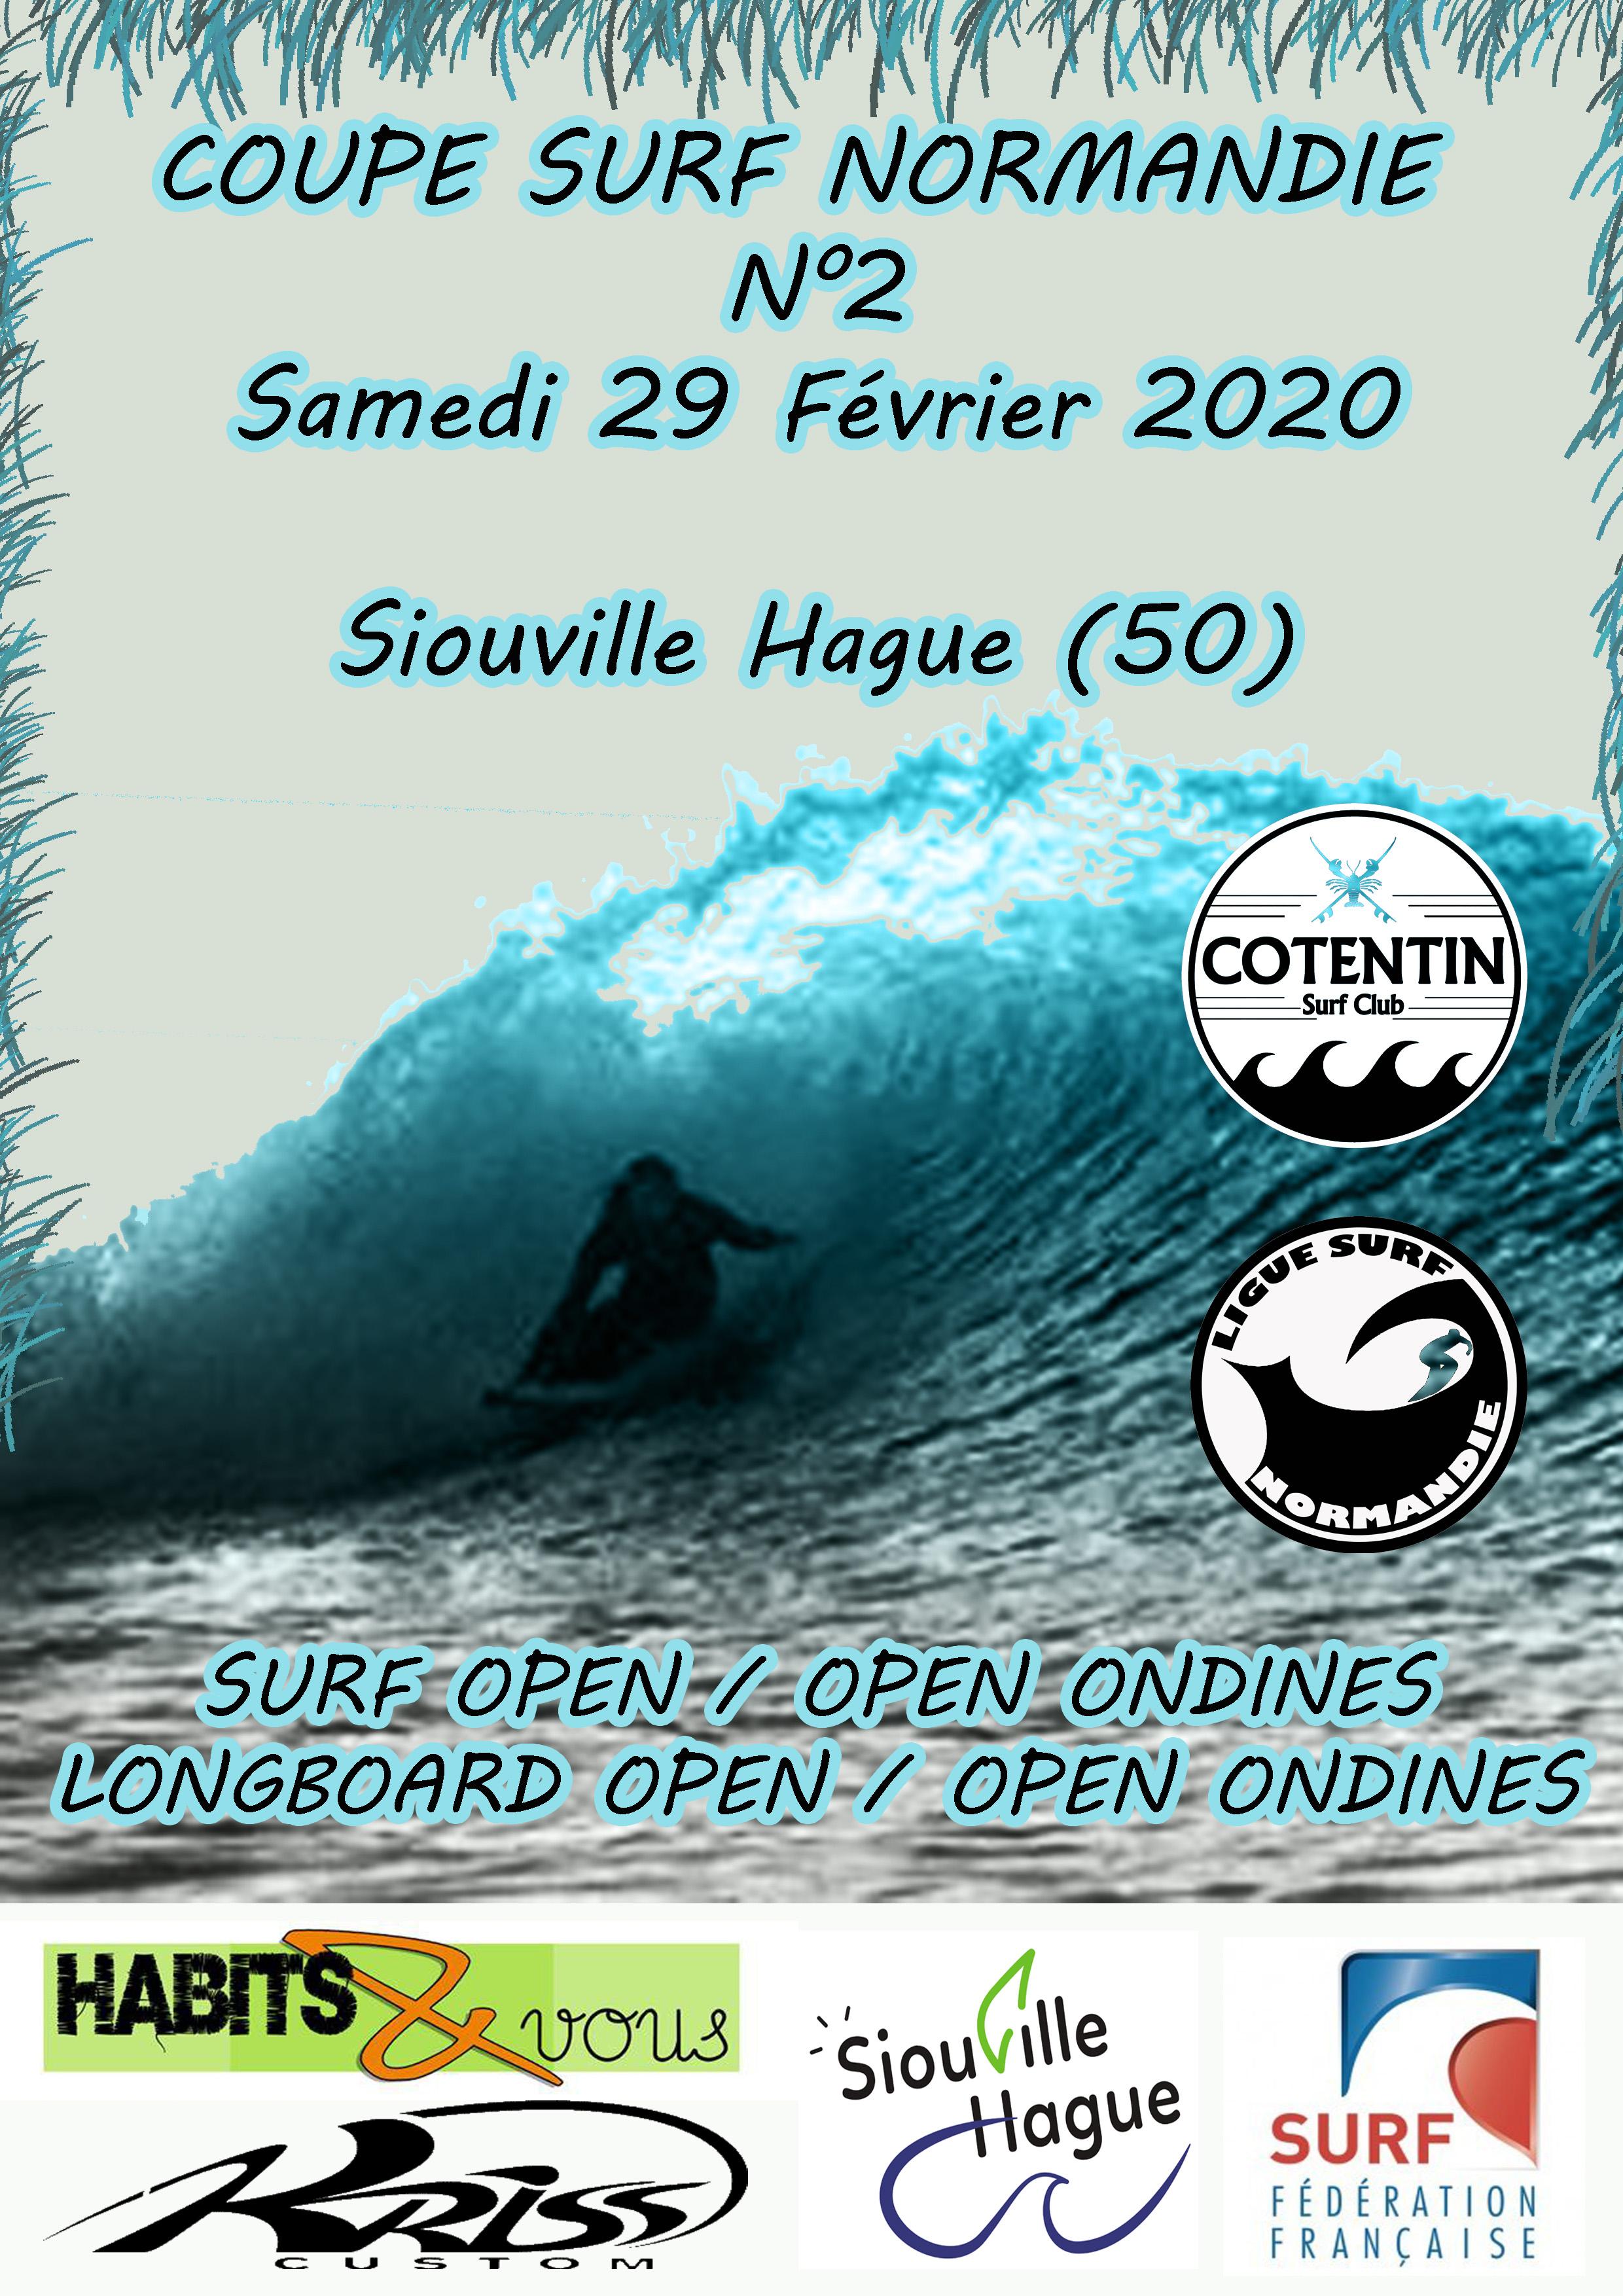 COUPE SURF / LONGBOARD NORMANDIE N°2